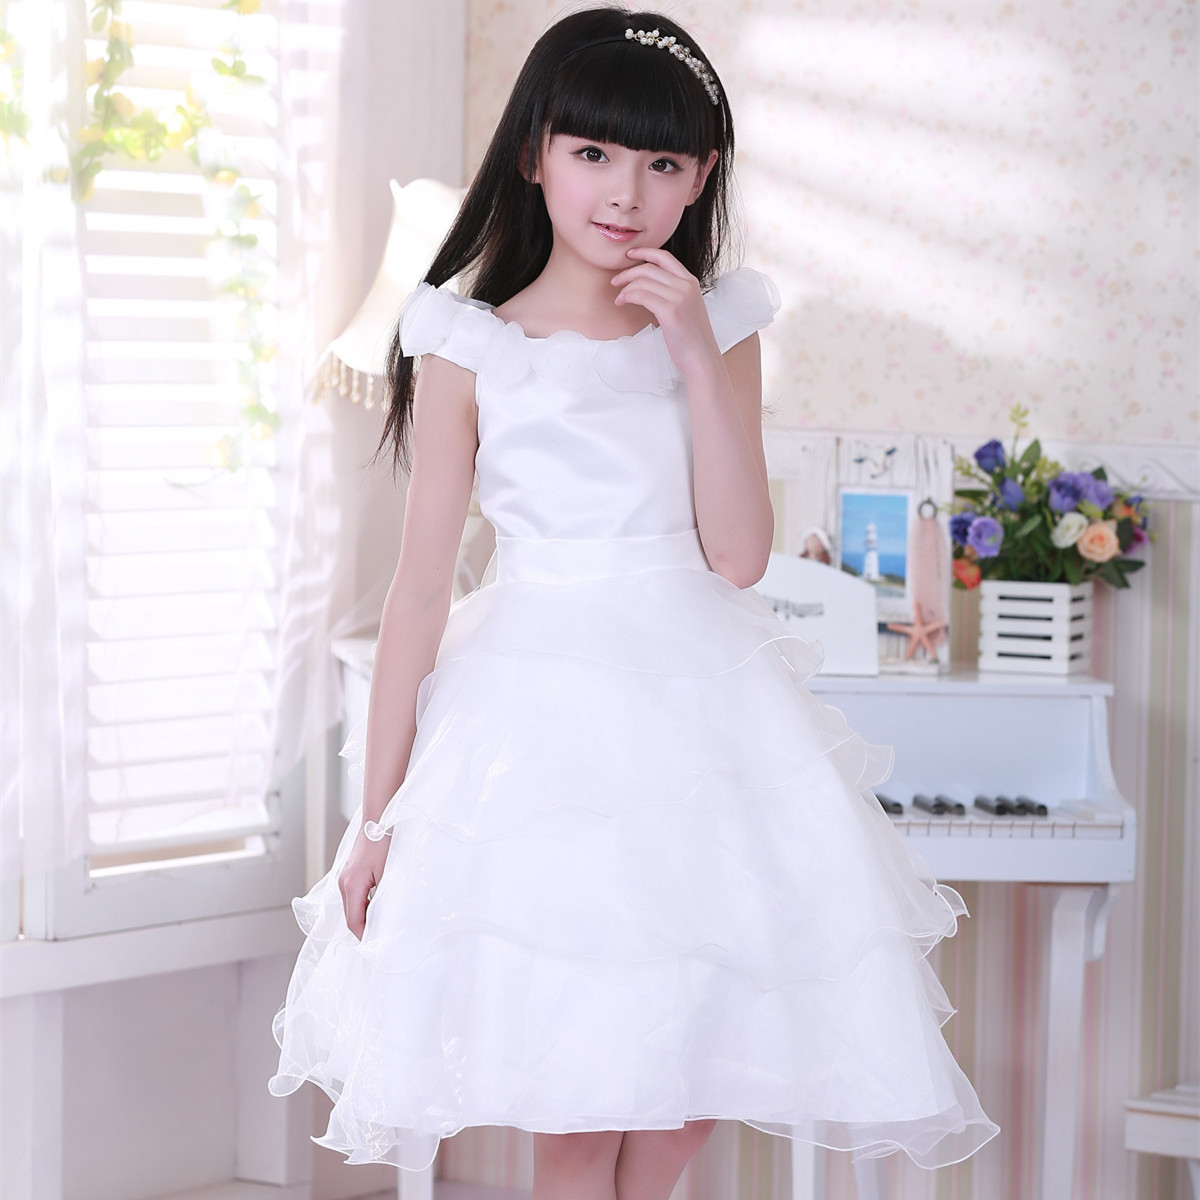 2018 Party Dresses For Girls 12 Years Girl White Flower Wedding ...